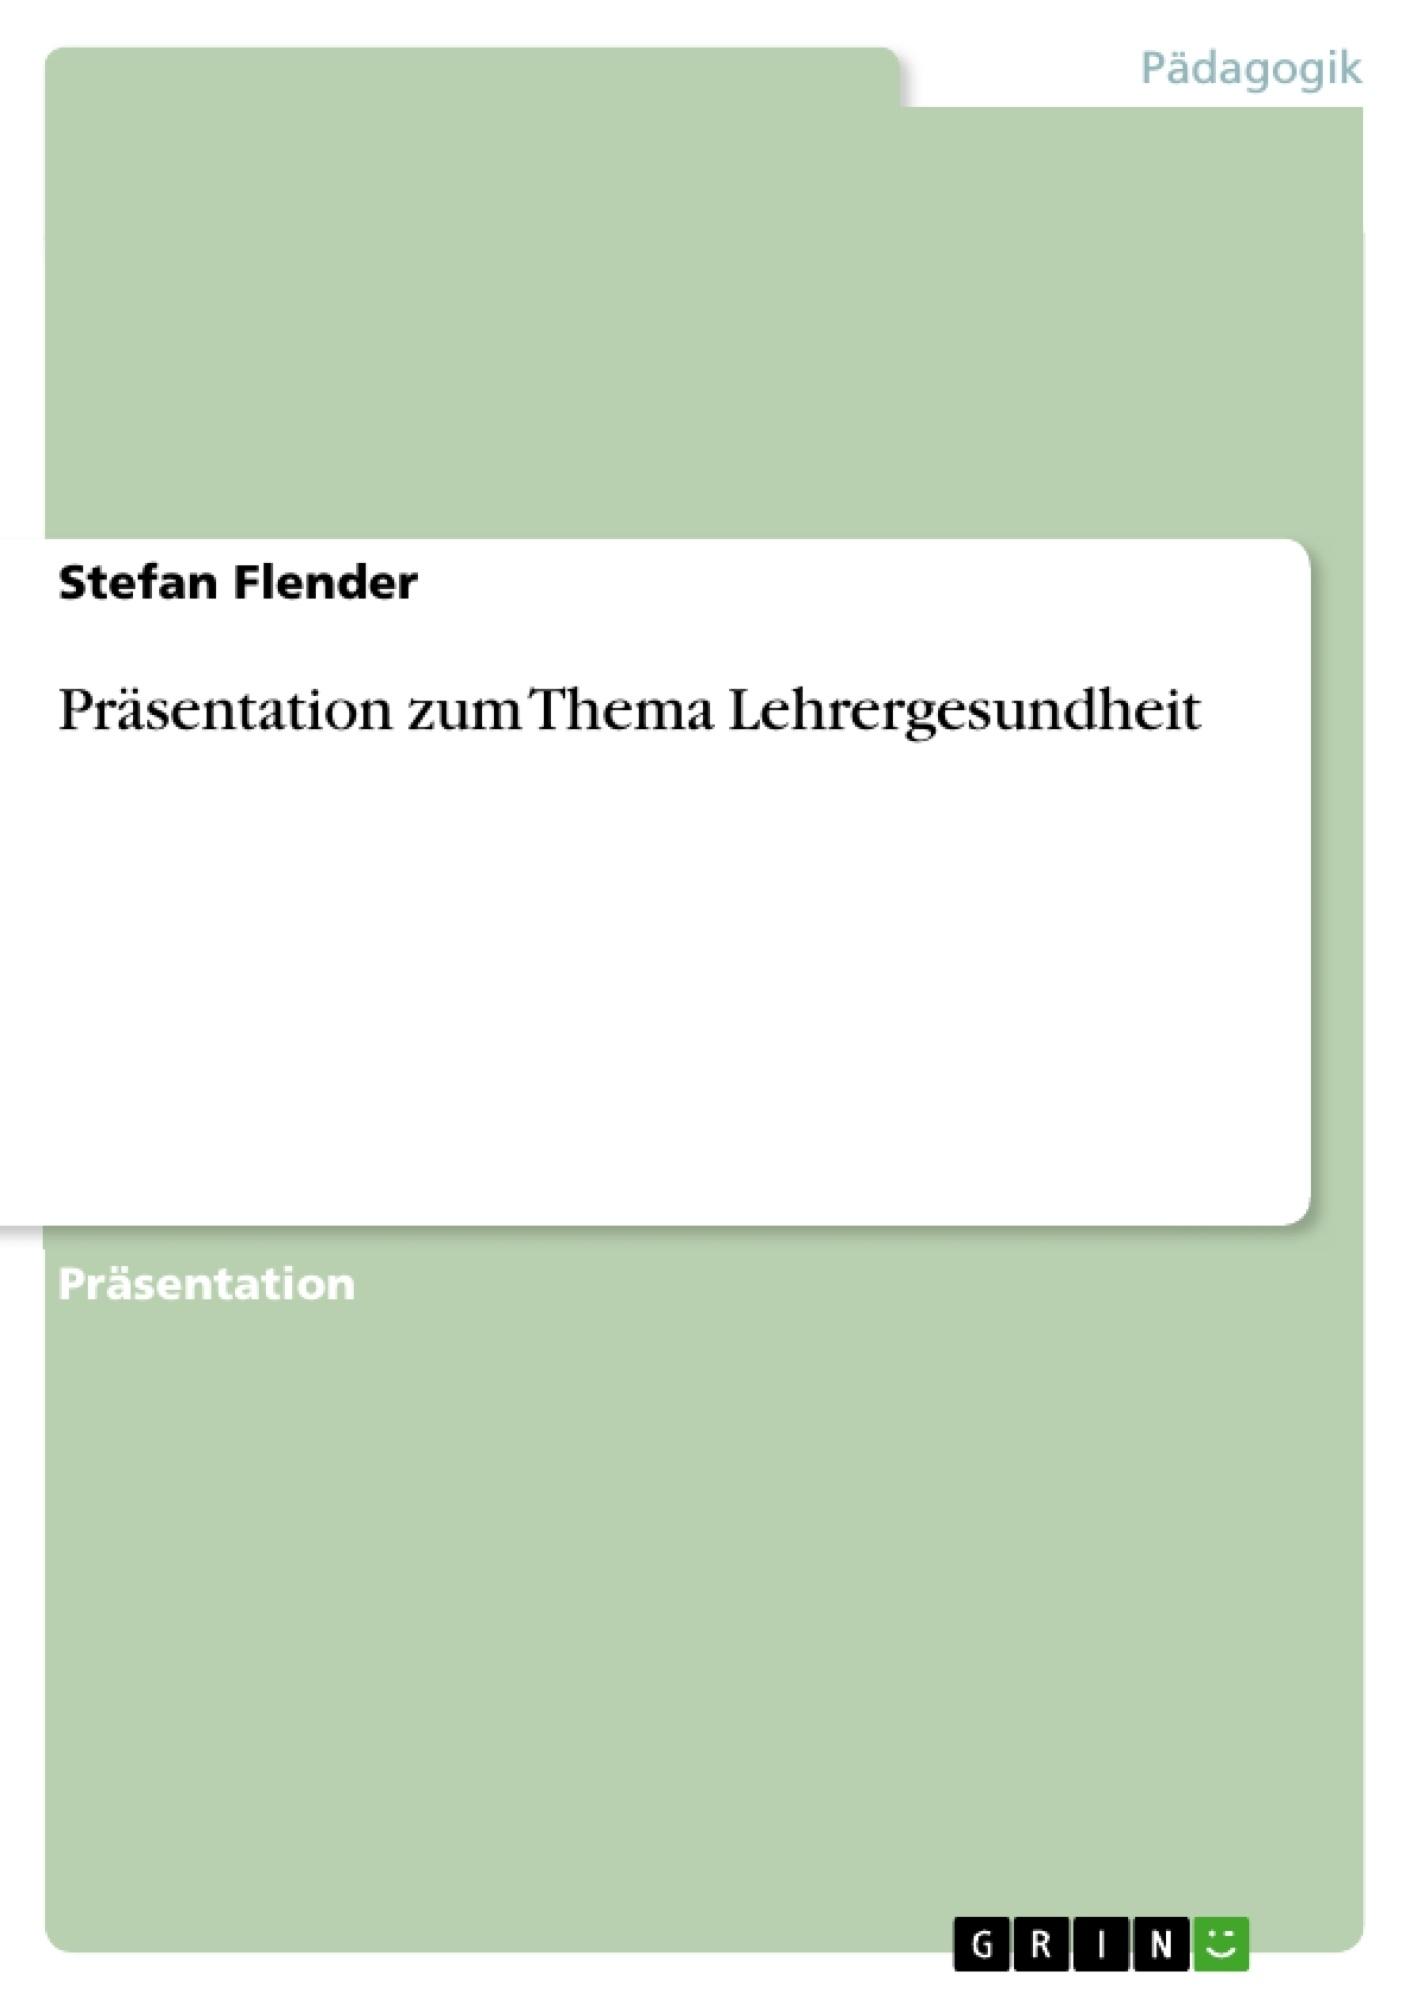 Titel: Präsentation zum Thema Lehrergesundheit